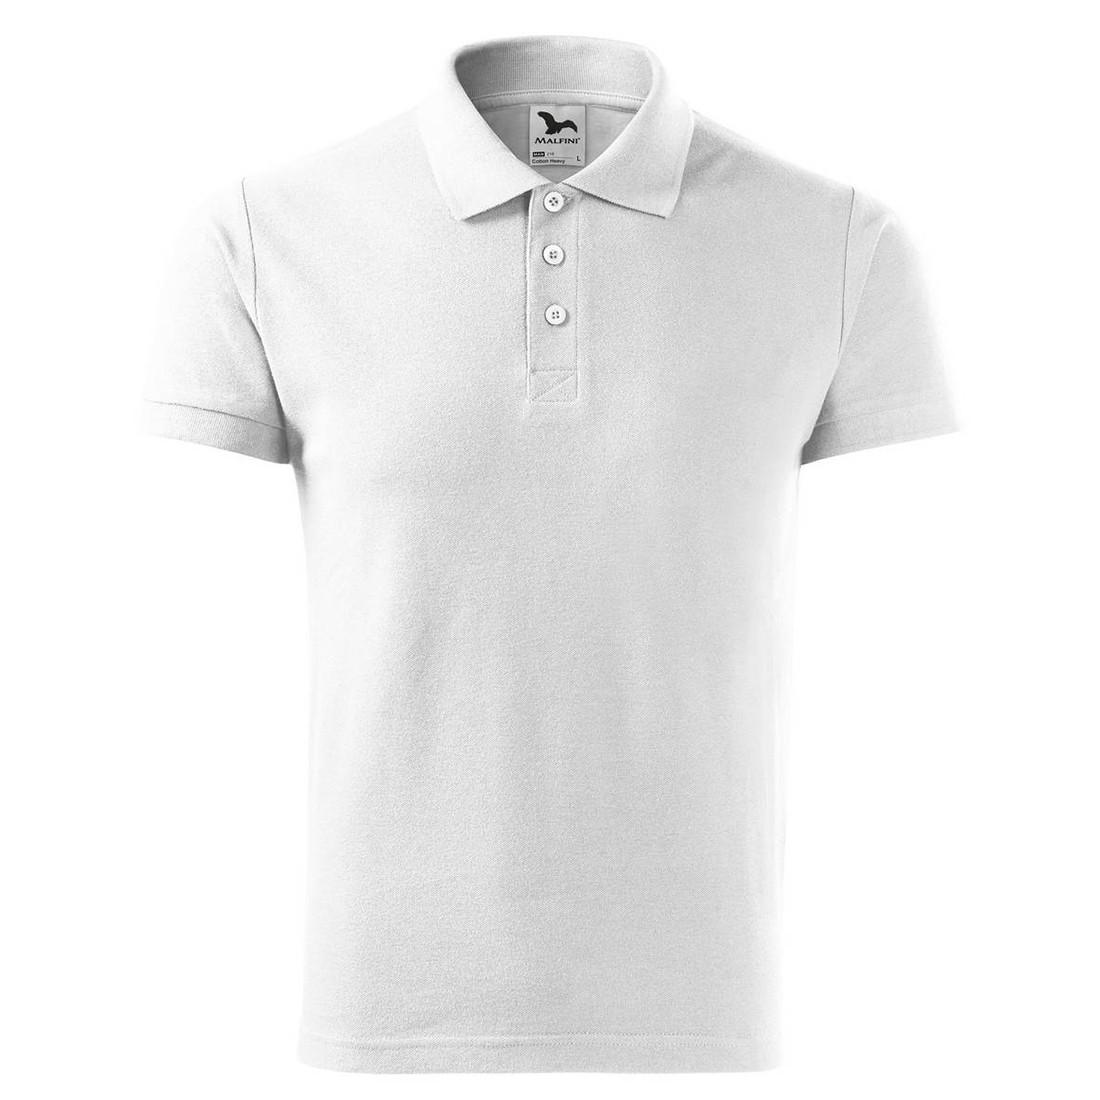 Tricou polo Bărbaţi COTTON HEAVY - Imbracaminte de protectie